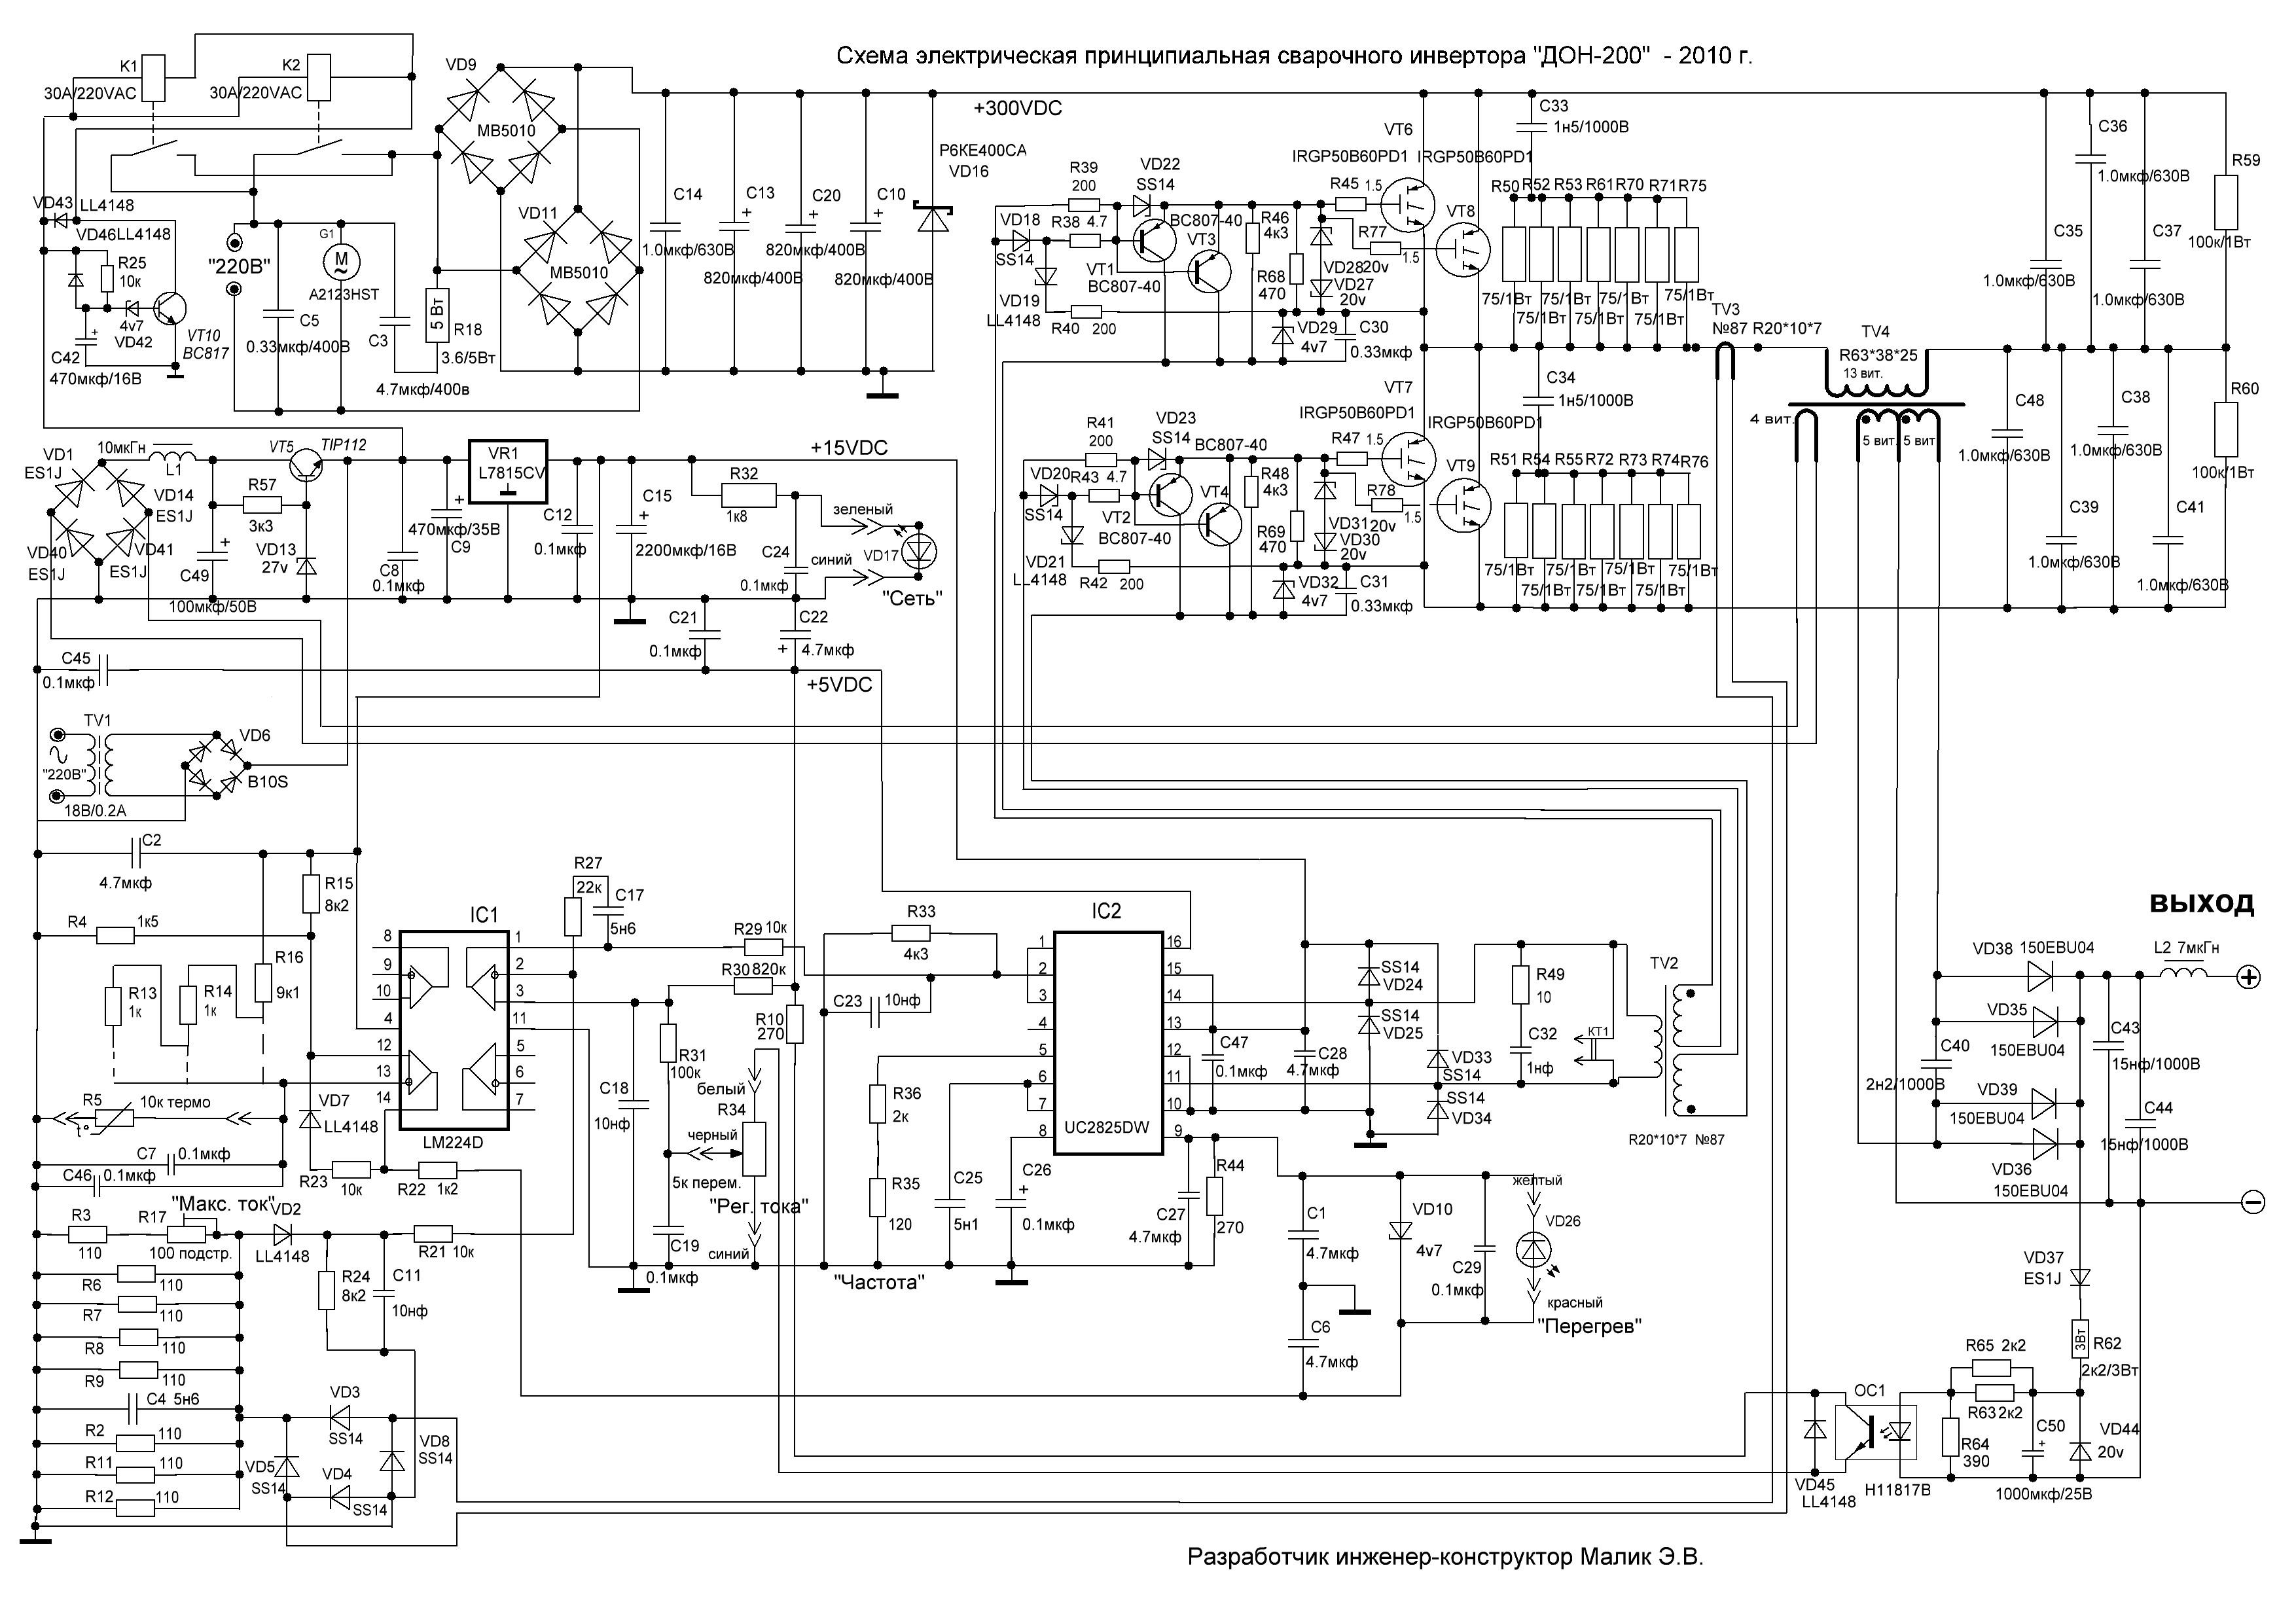 Принцип работы сварочного инвертора с пояснениями на схеме преобразователя